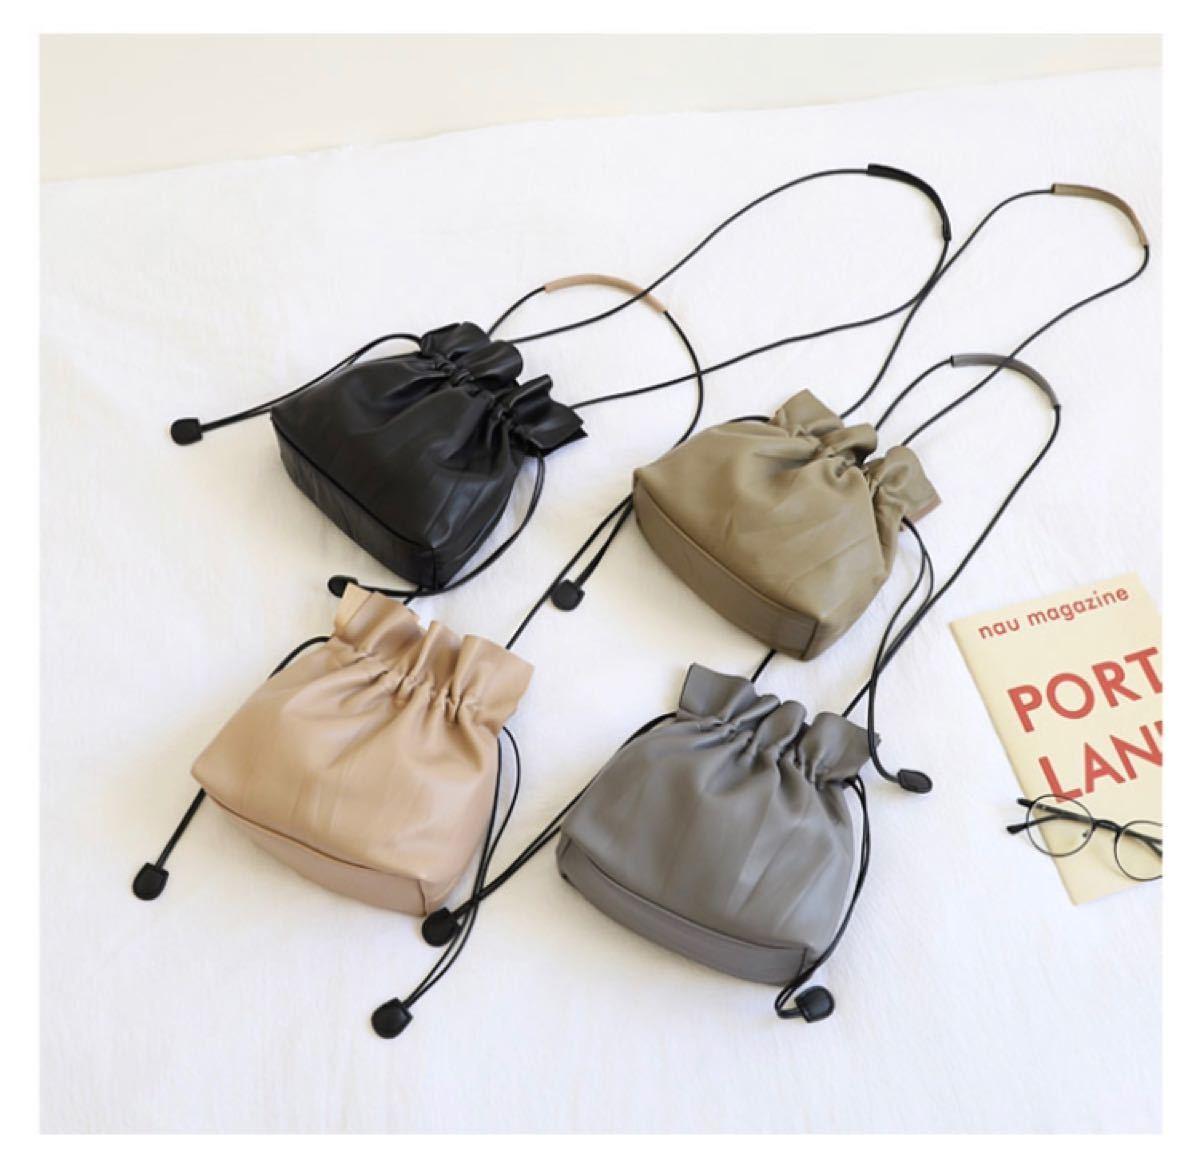 ショルダーバッグ 巾着バッグ カーキ ミニバッグ レザー調 2way 韓国 ミニ